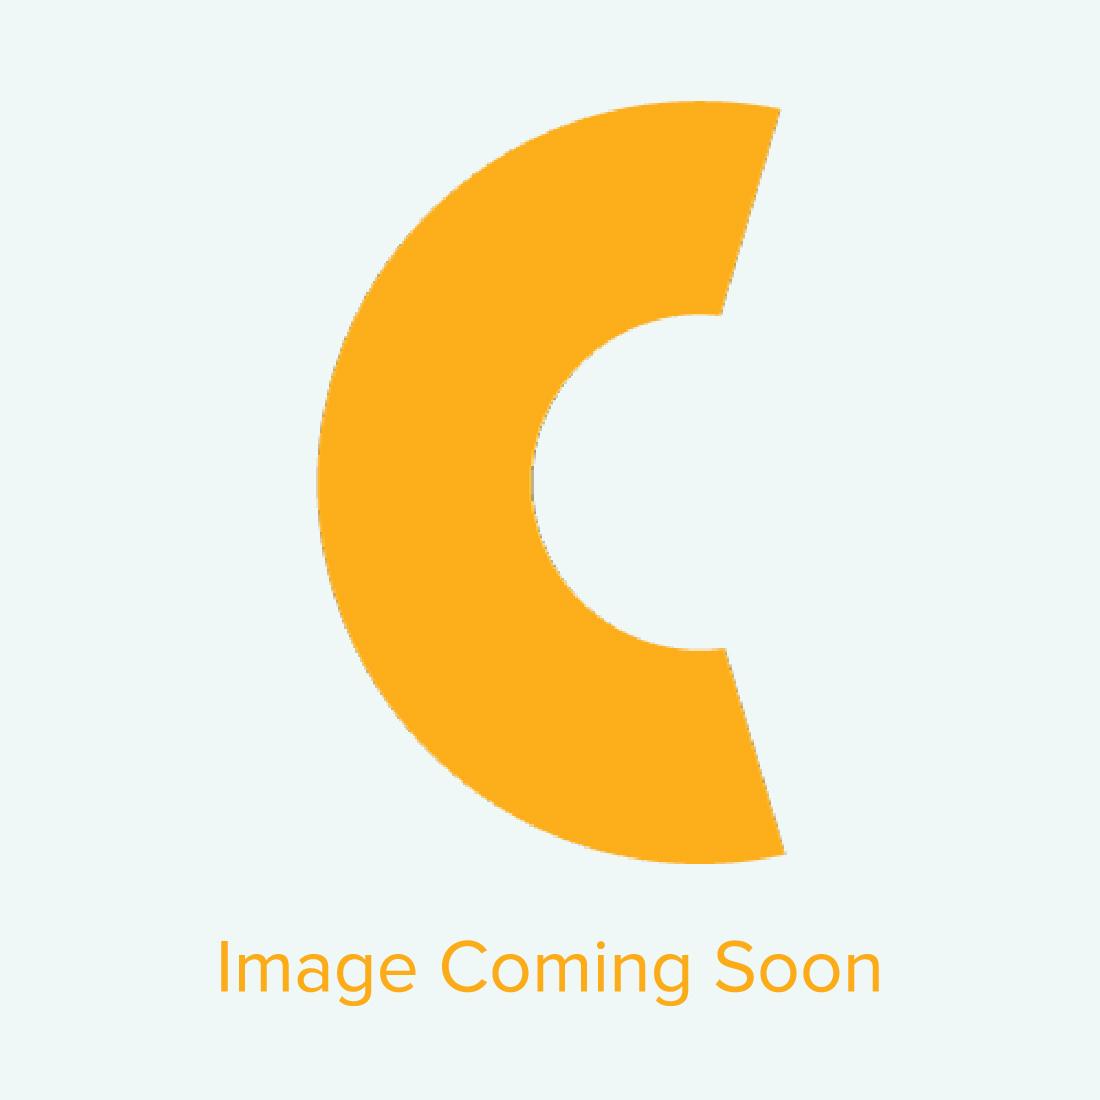 """Rhinestone Hotfix Transfer Tape Roll - 19.7"""" x 32.8"""